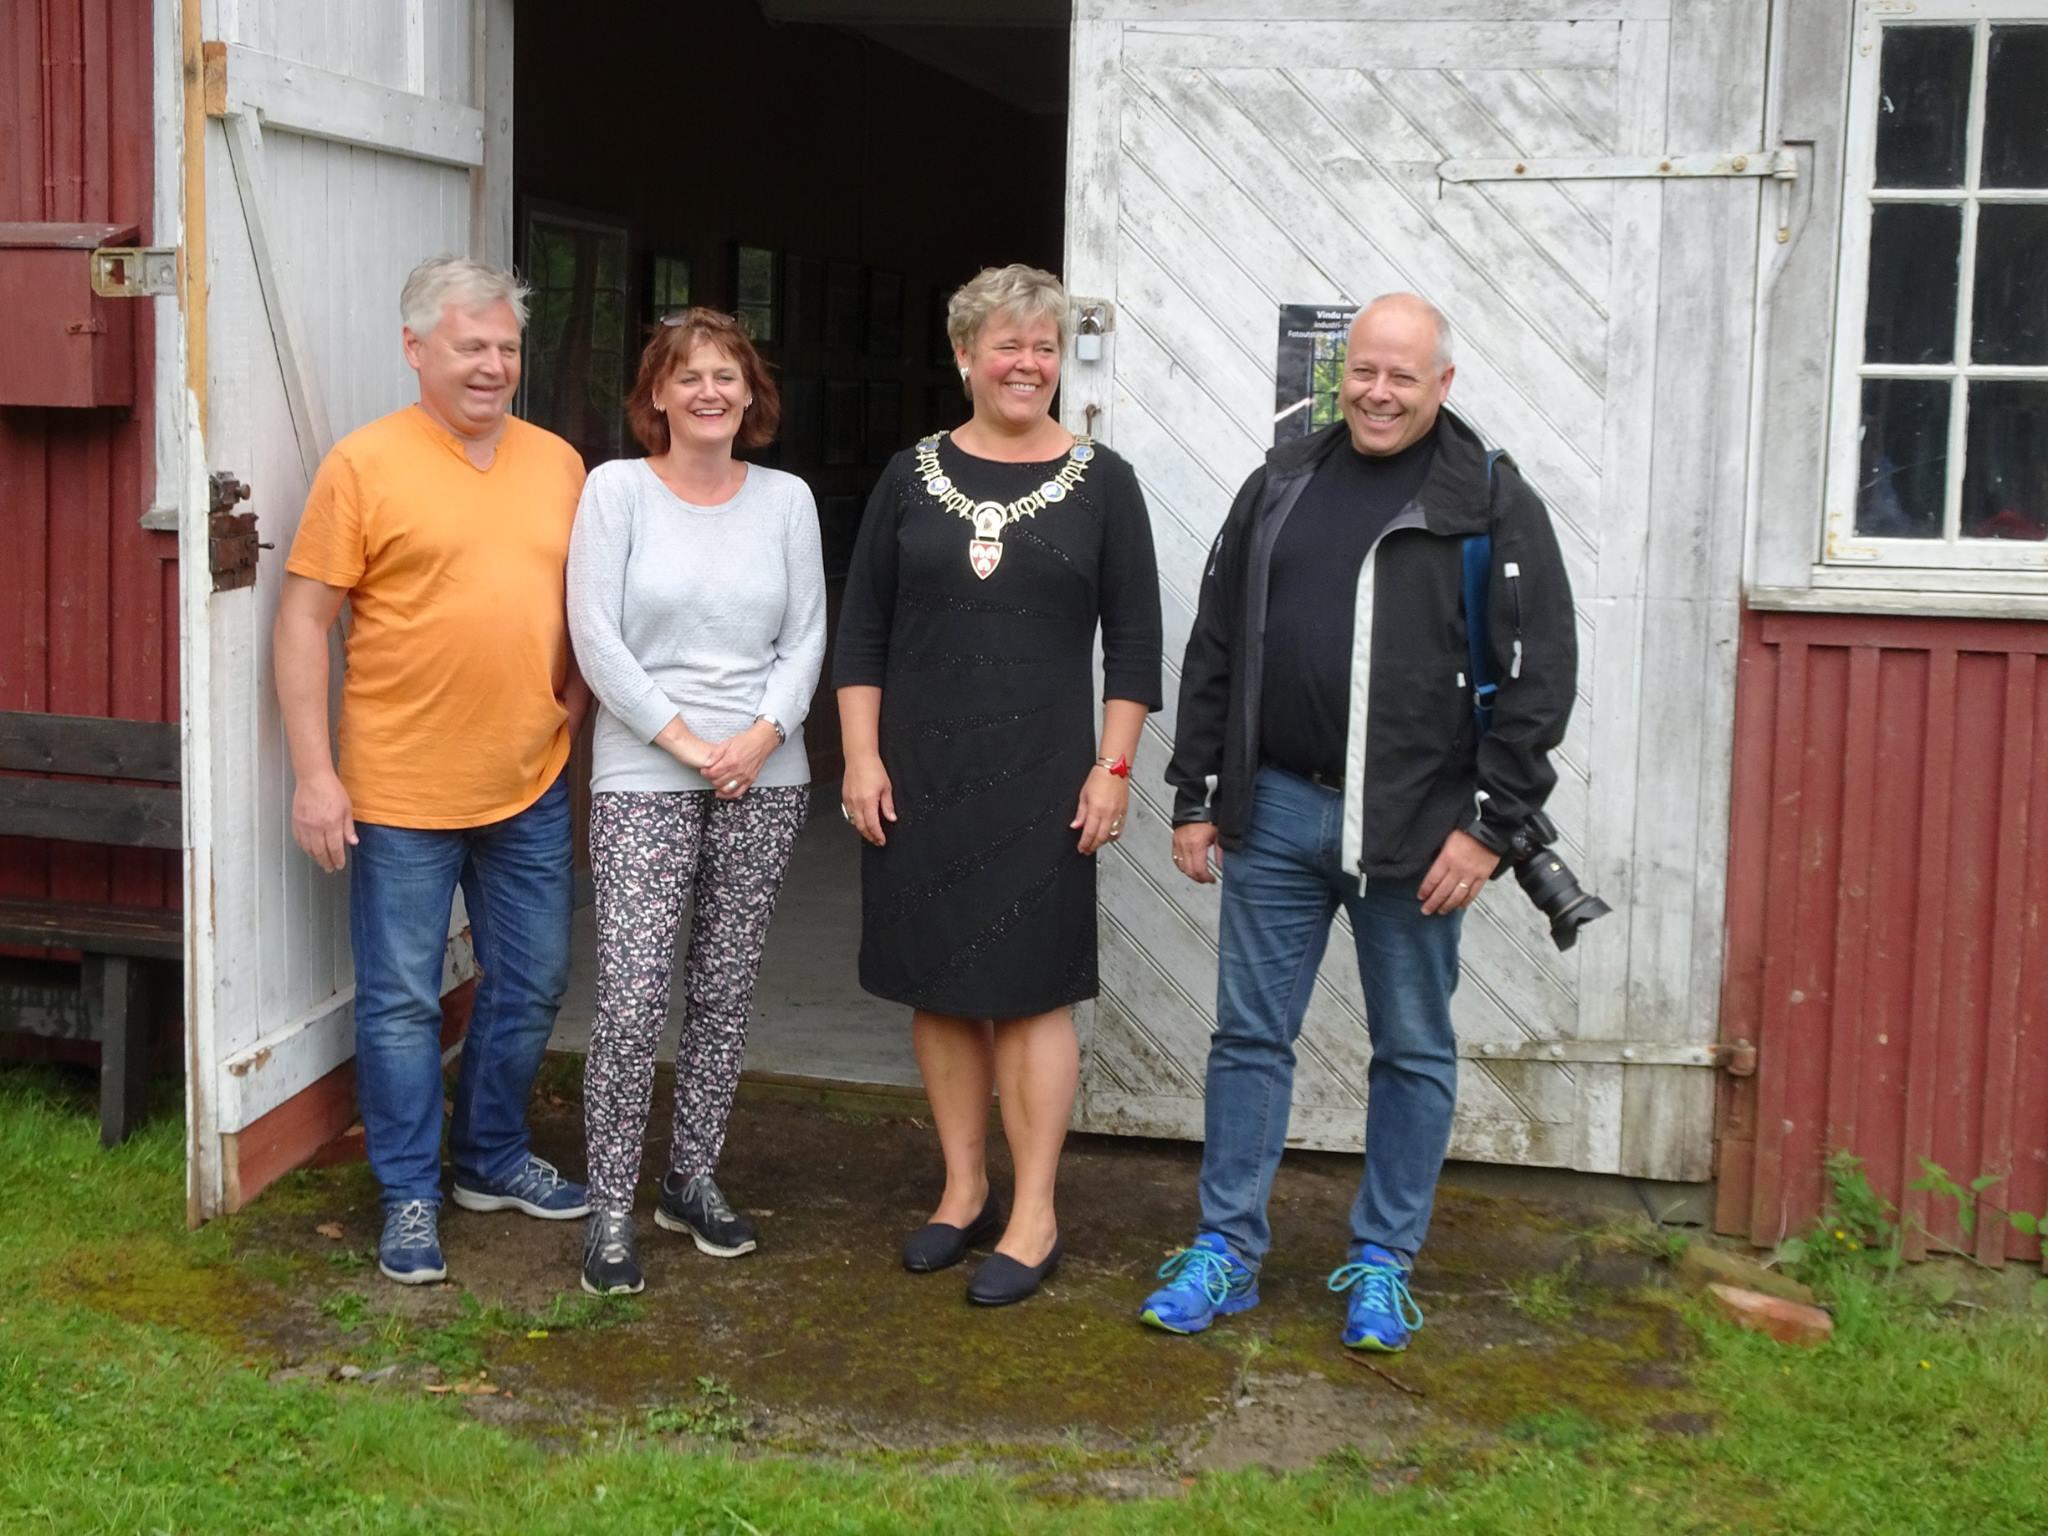 Vindu mot Eidsfoss – Tønsberg Kamera Klubb med utstilling